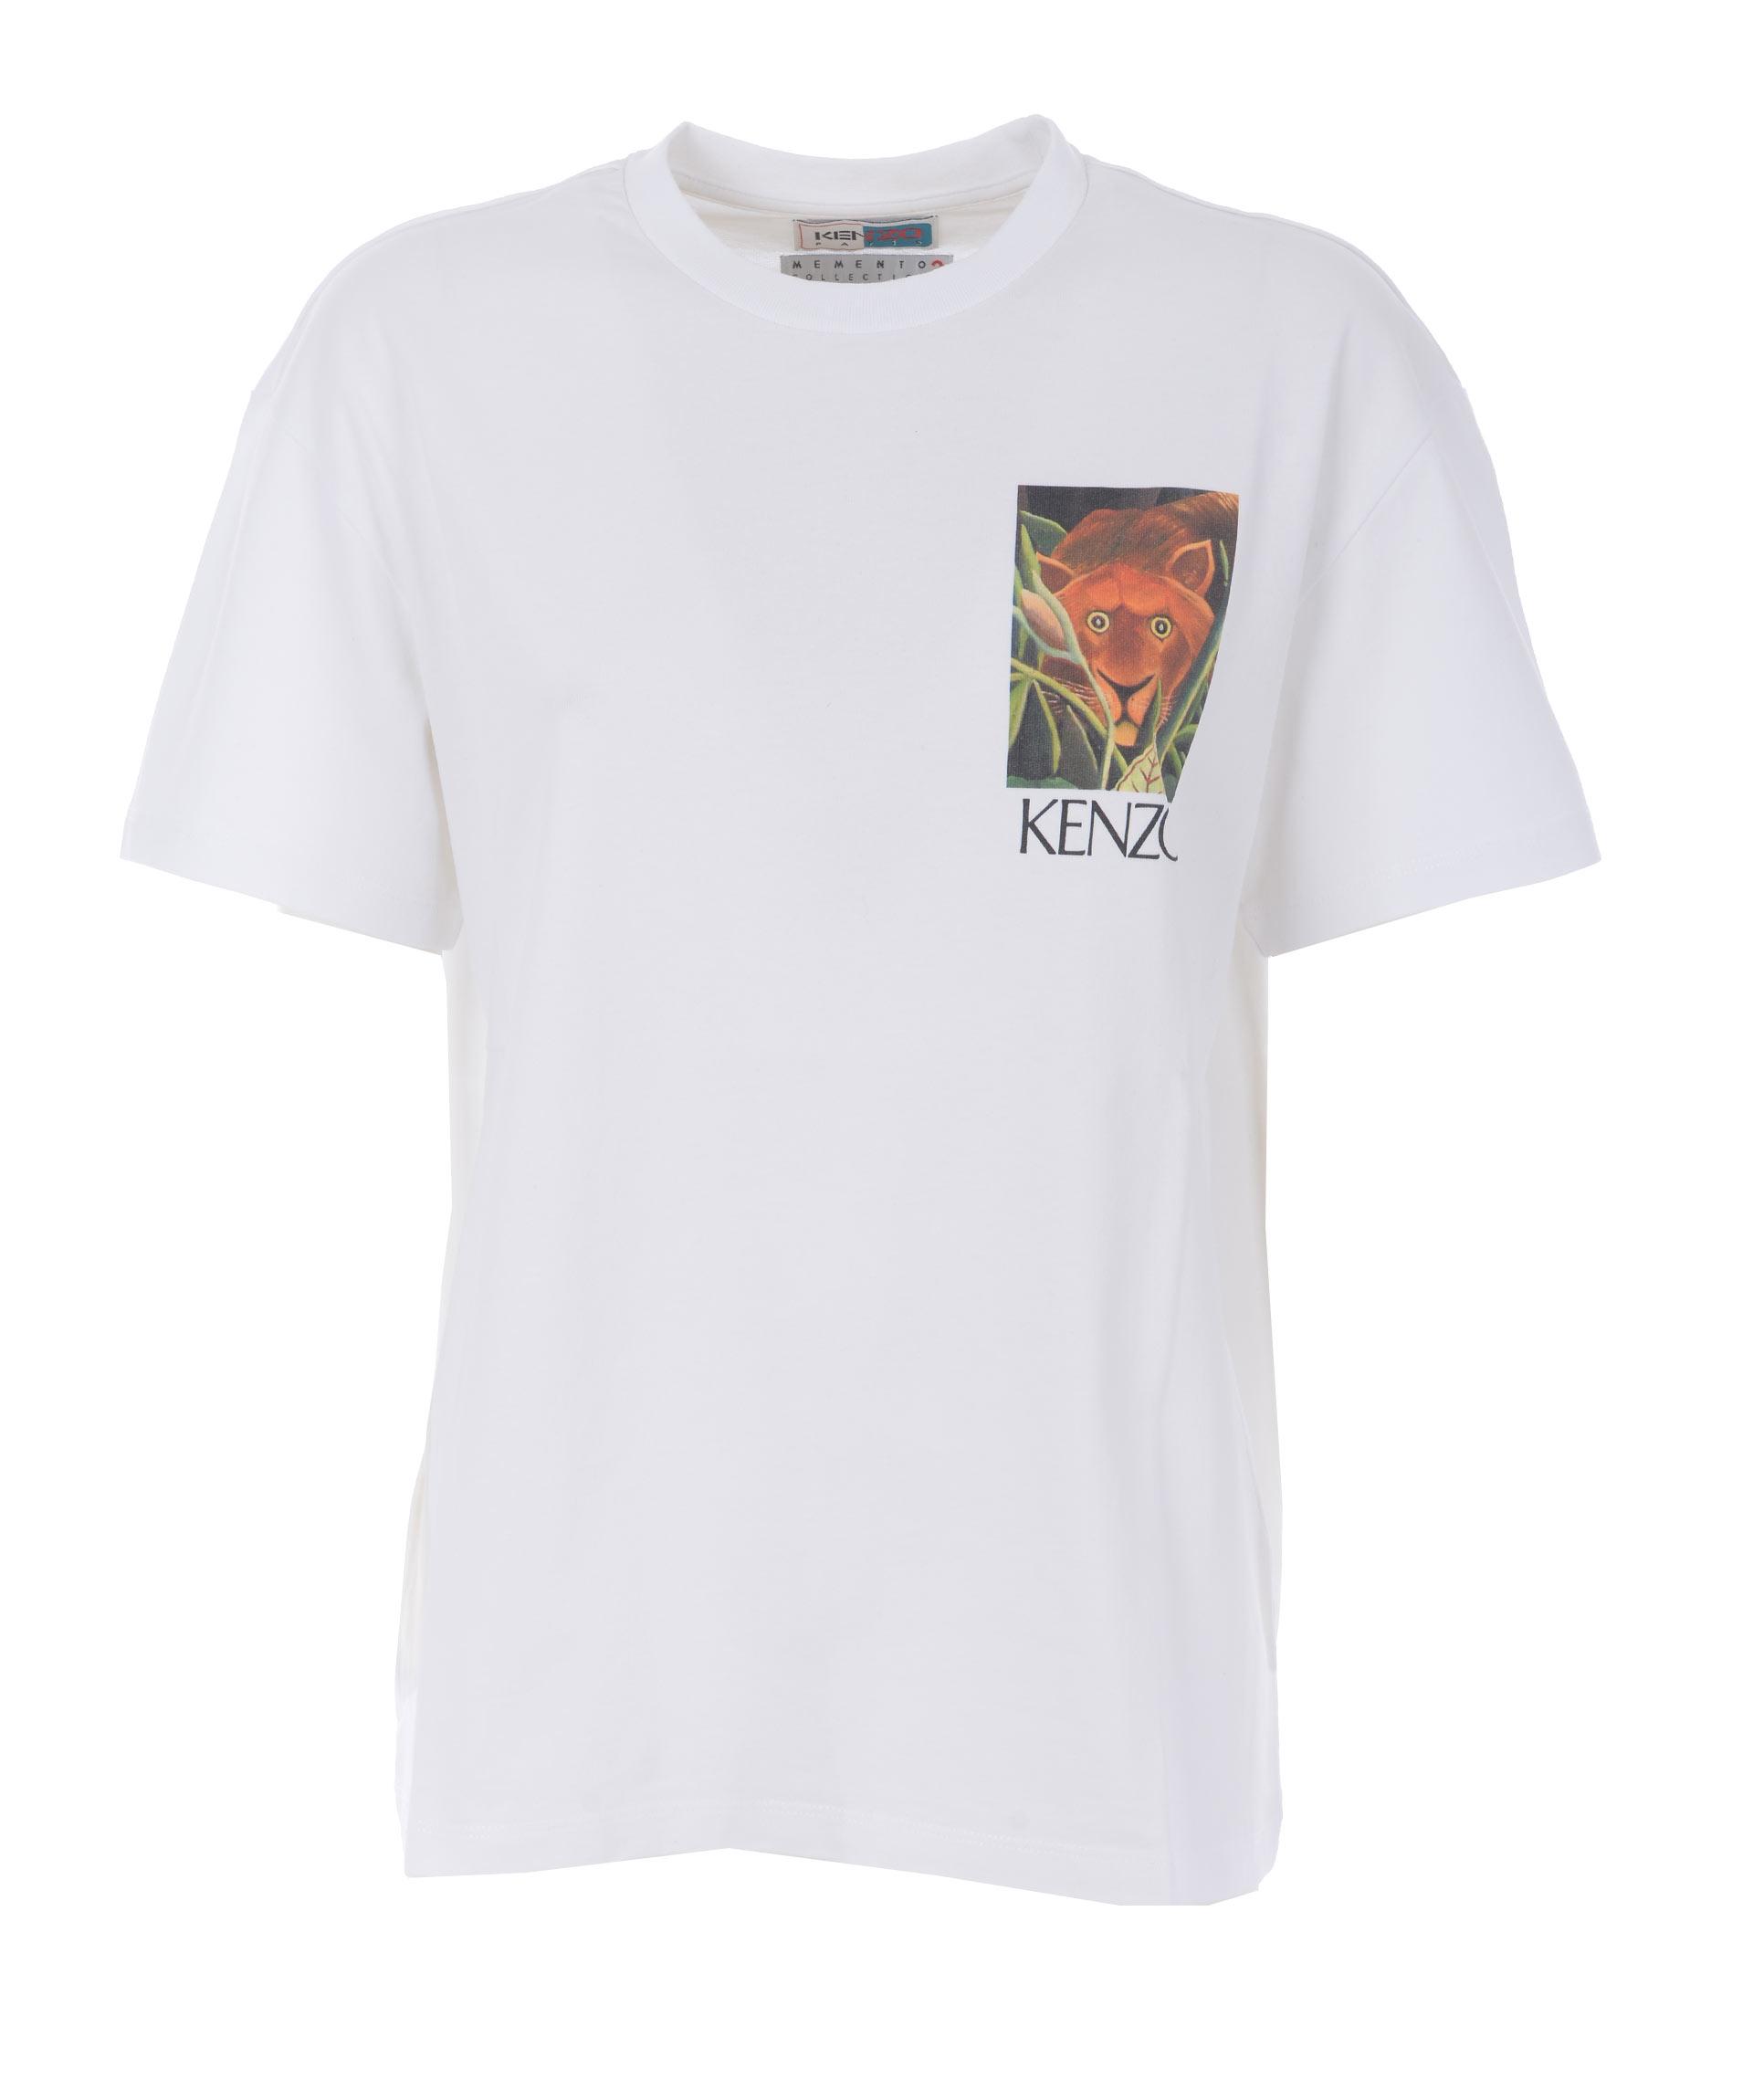 dea53ca9a T-shirt Kenzo